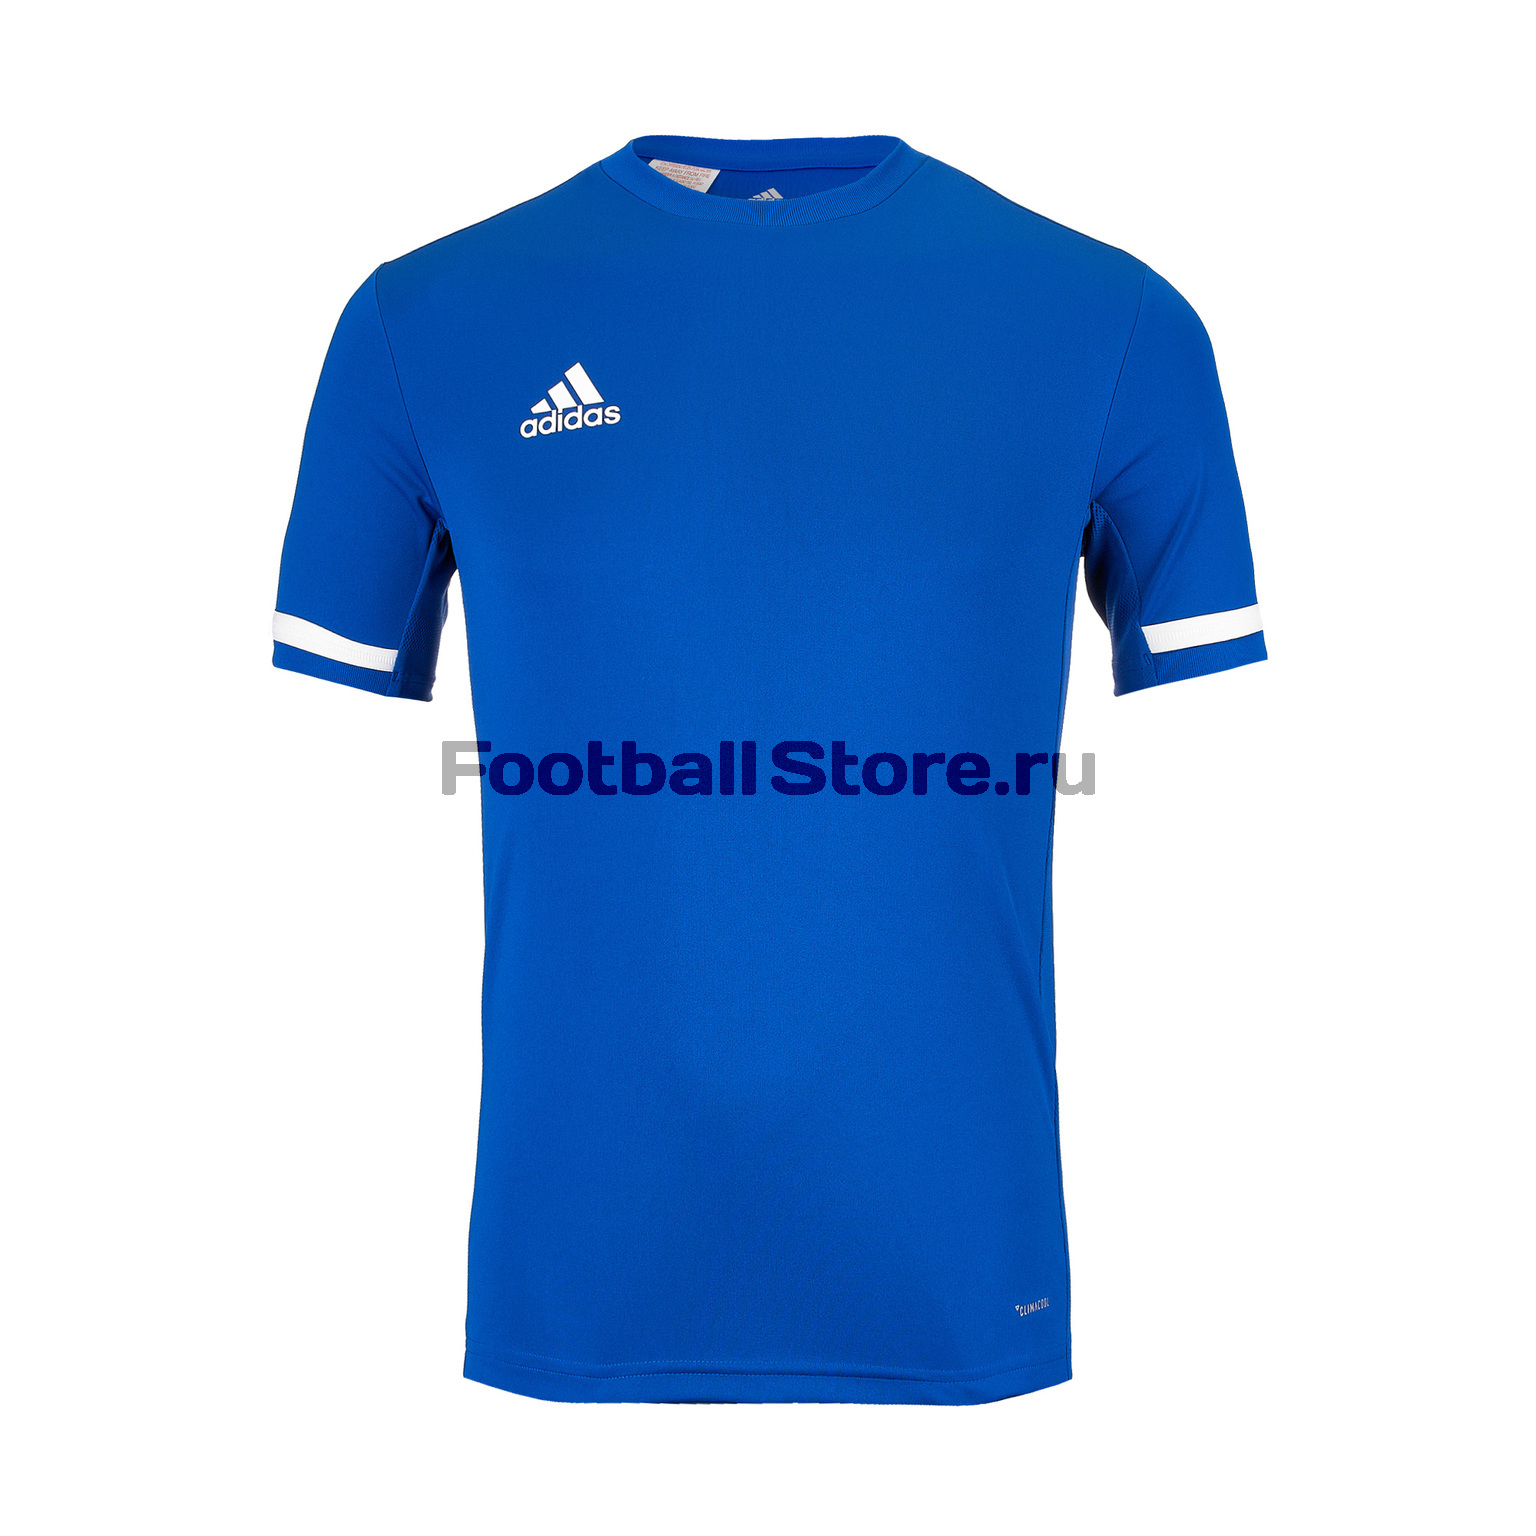 Футболка тренировочная подростковая Adidas T19 SS DY8843